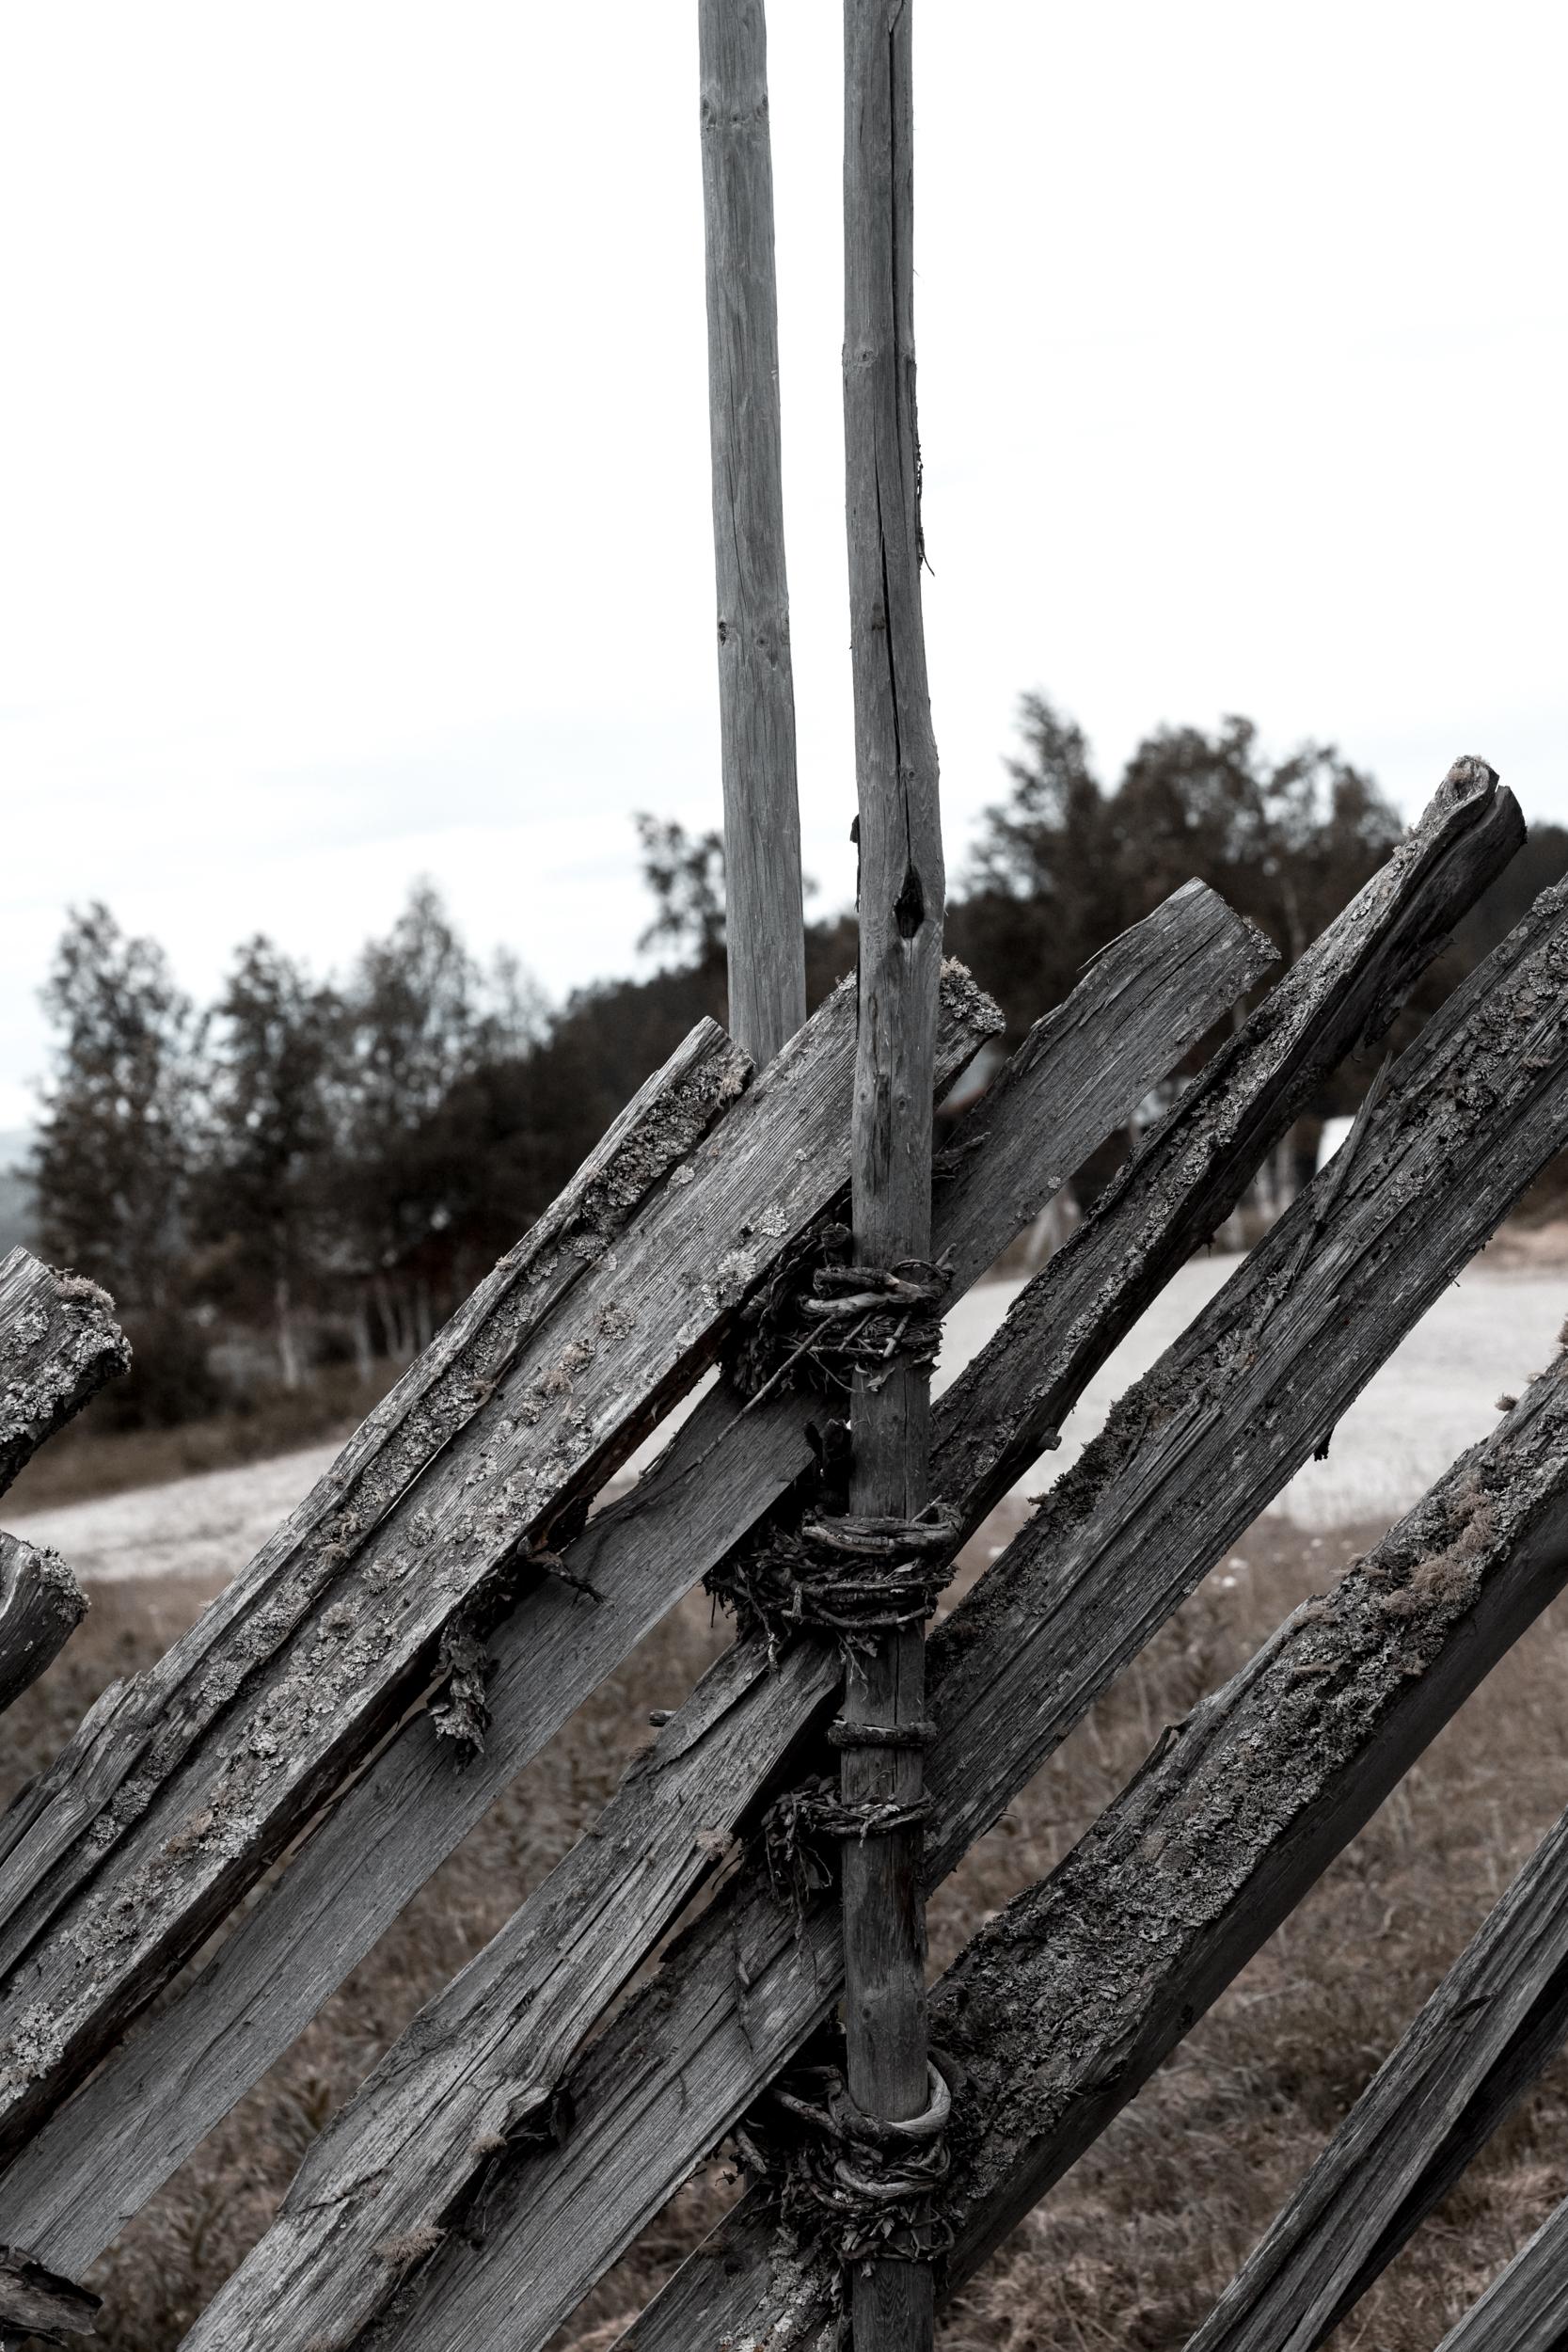 Træ og træstruktur